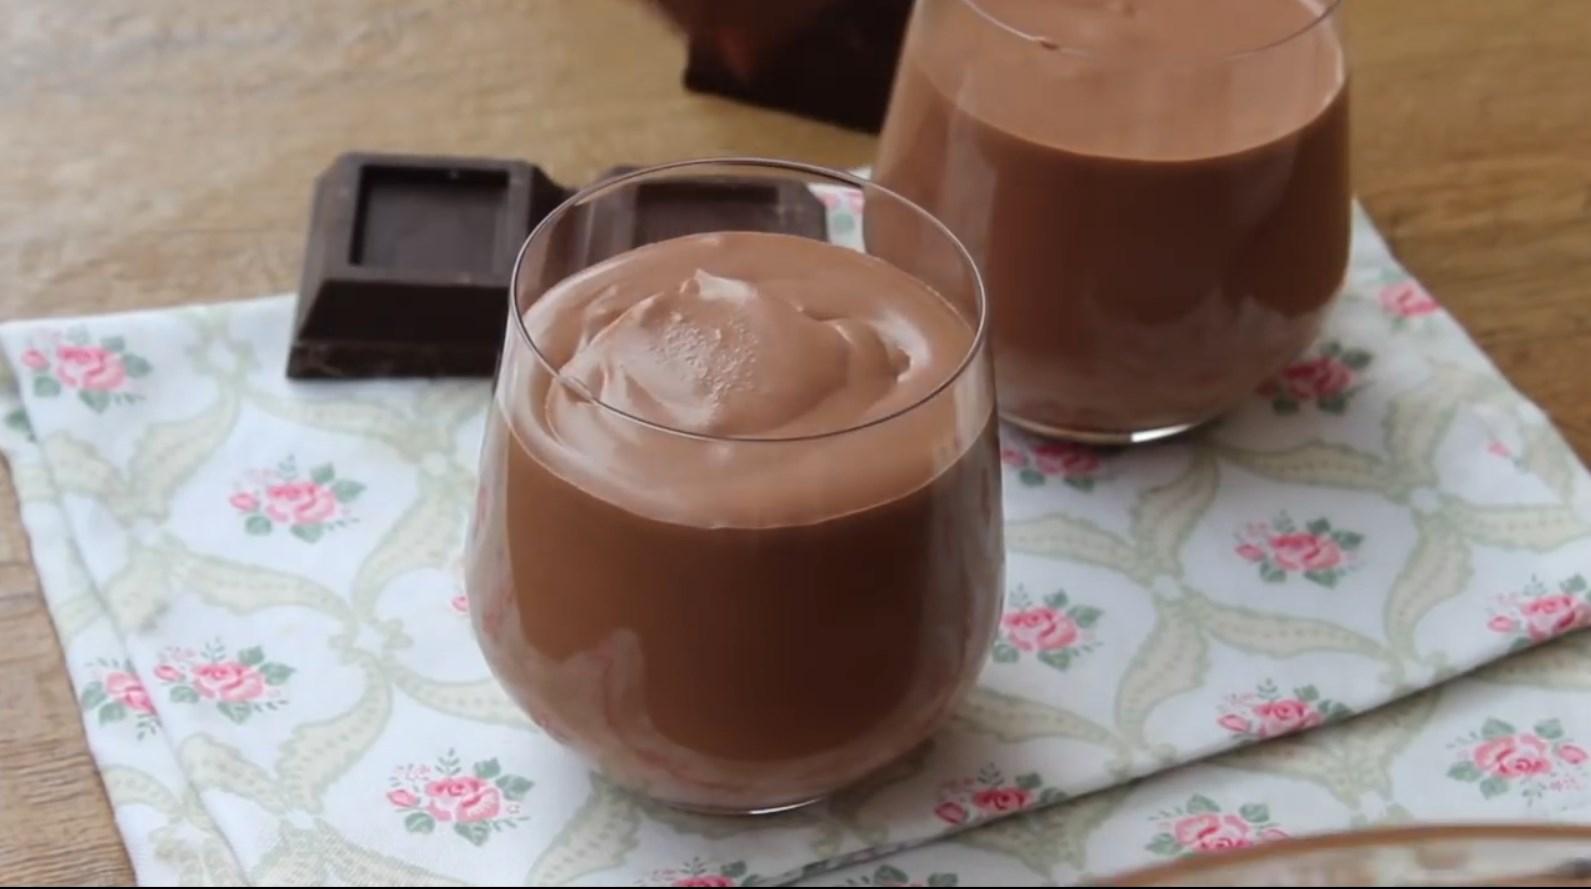 12.-Mousse-de-chocolate-13-presentacion.jpg